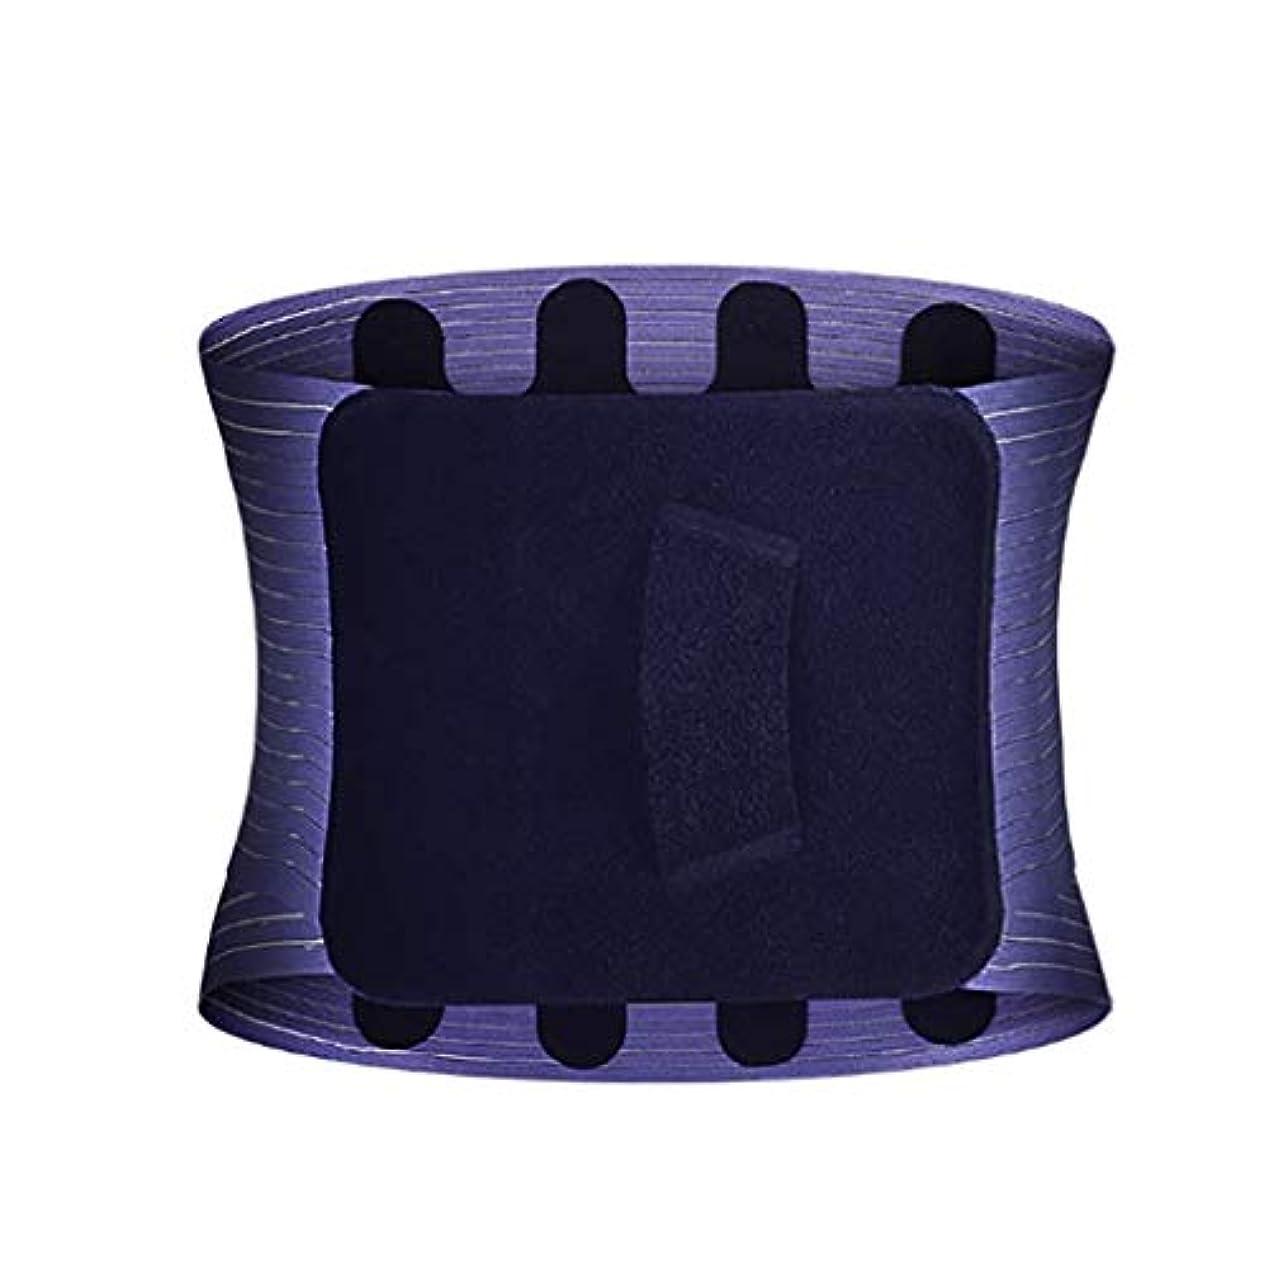 アルカイック滑り台魂ウエスト補正ベルト、バック/ウエスト暖かさ、ウエストサポートベルト、通気性ベルト、メンズと女性のフィットネスベルト、ワーキング/スポーツ/フィットネスに適した、痛みを緩和、防止けが (Color : 黒, Size : L)